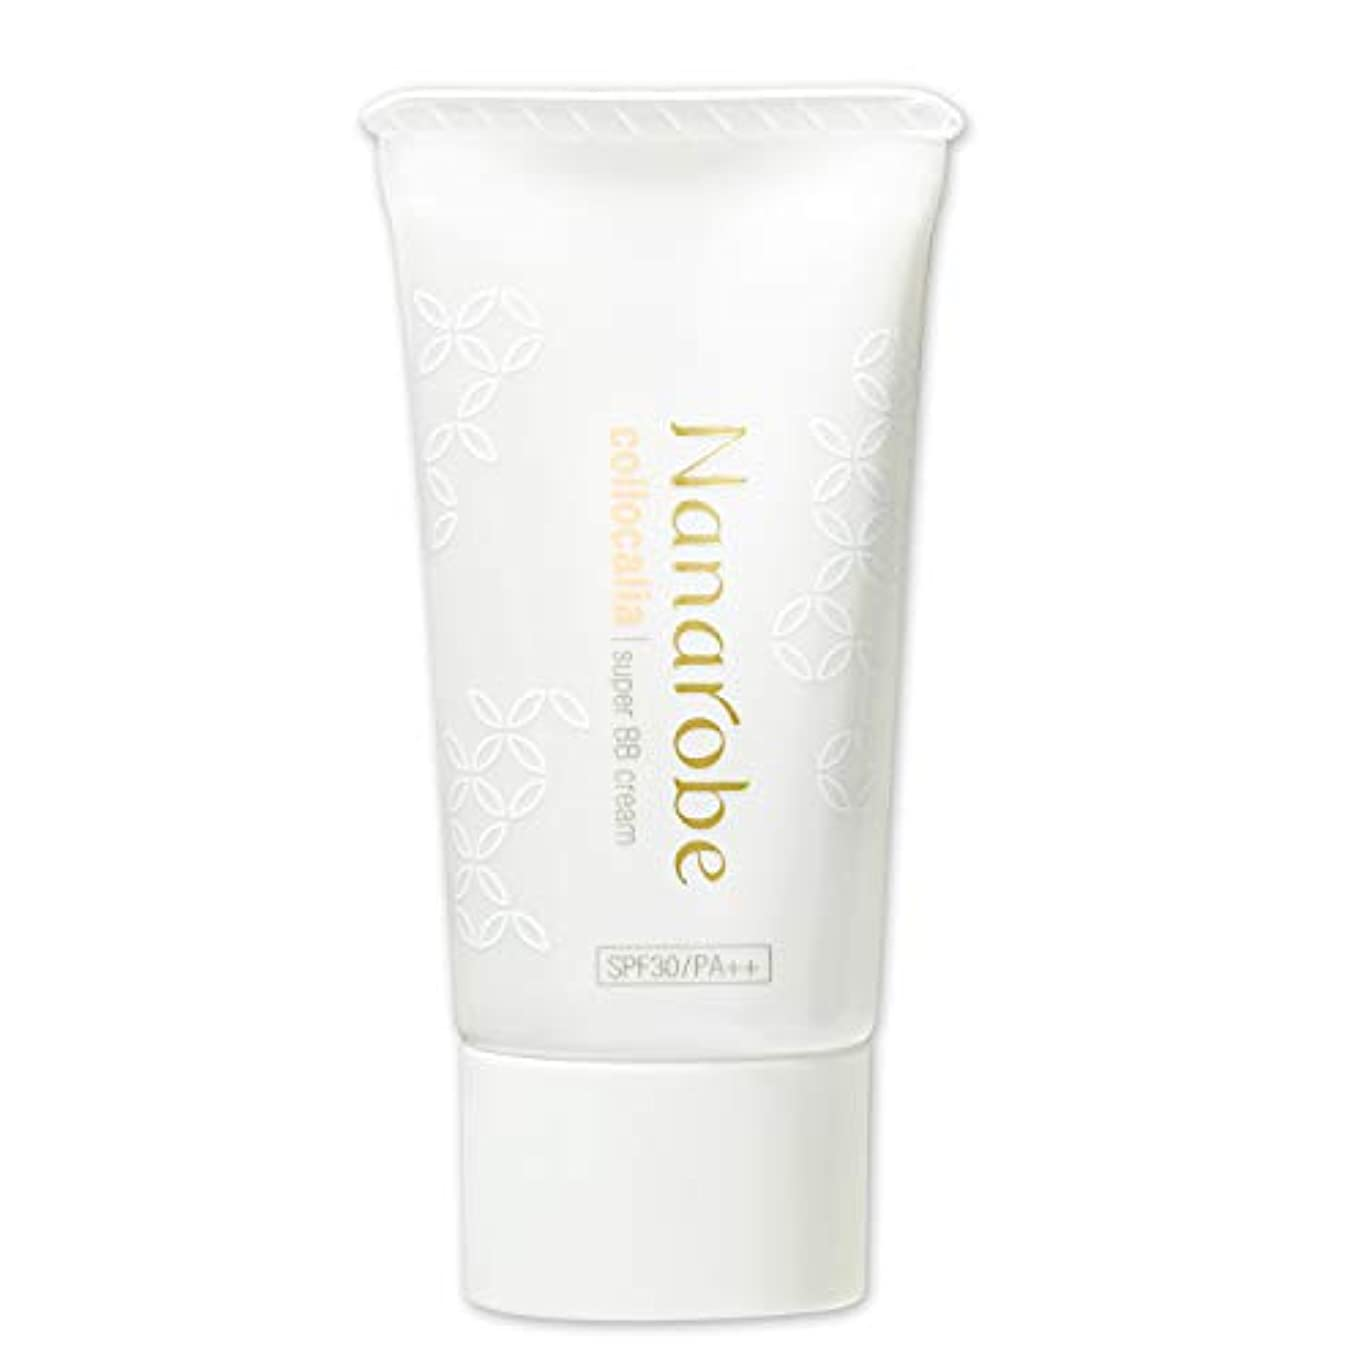 プライバシー期限みがきますナナローブ (Nanarobe) BBクリーム 化粧下地 ファンデーション コロカリア UV SPF30 PA++ 30g